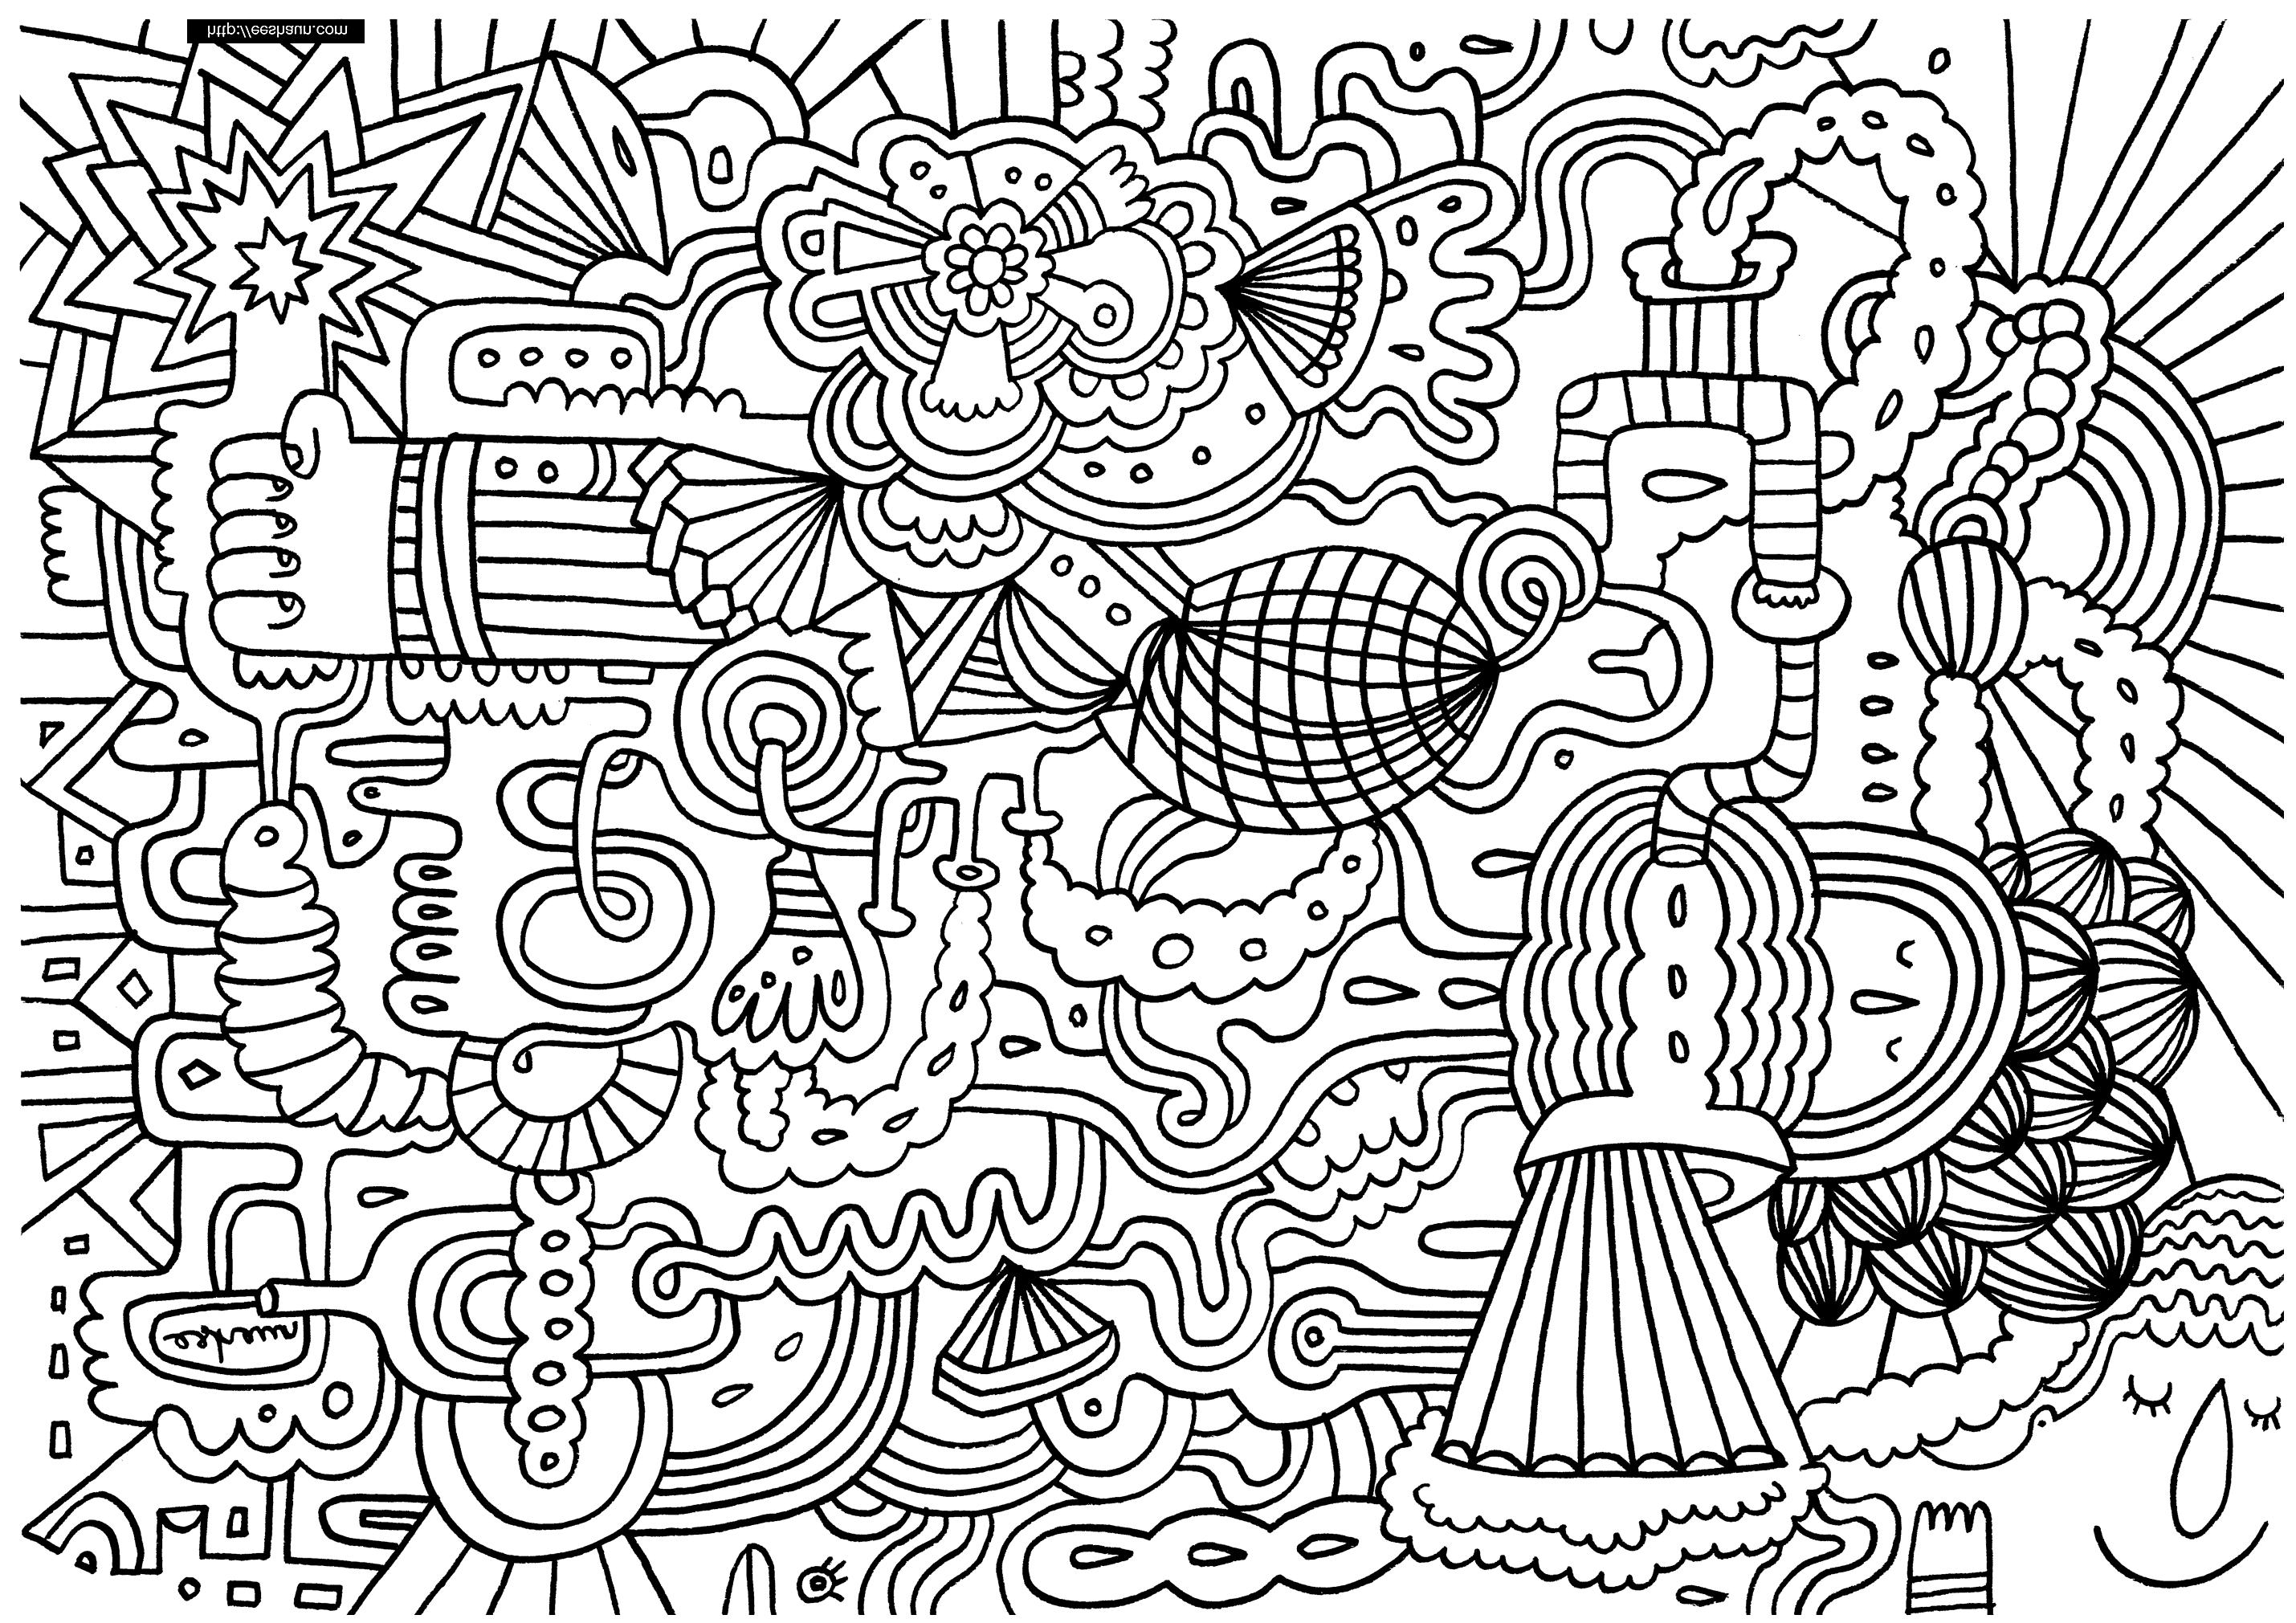 doodle art printables doodle art coloring pages to print free coloring sheets doodle printables art